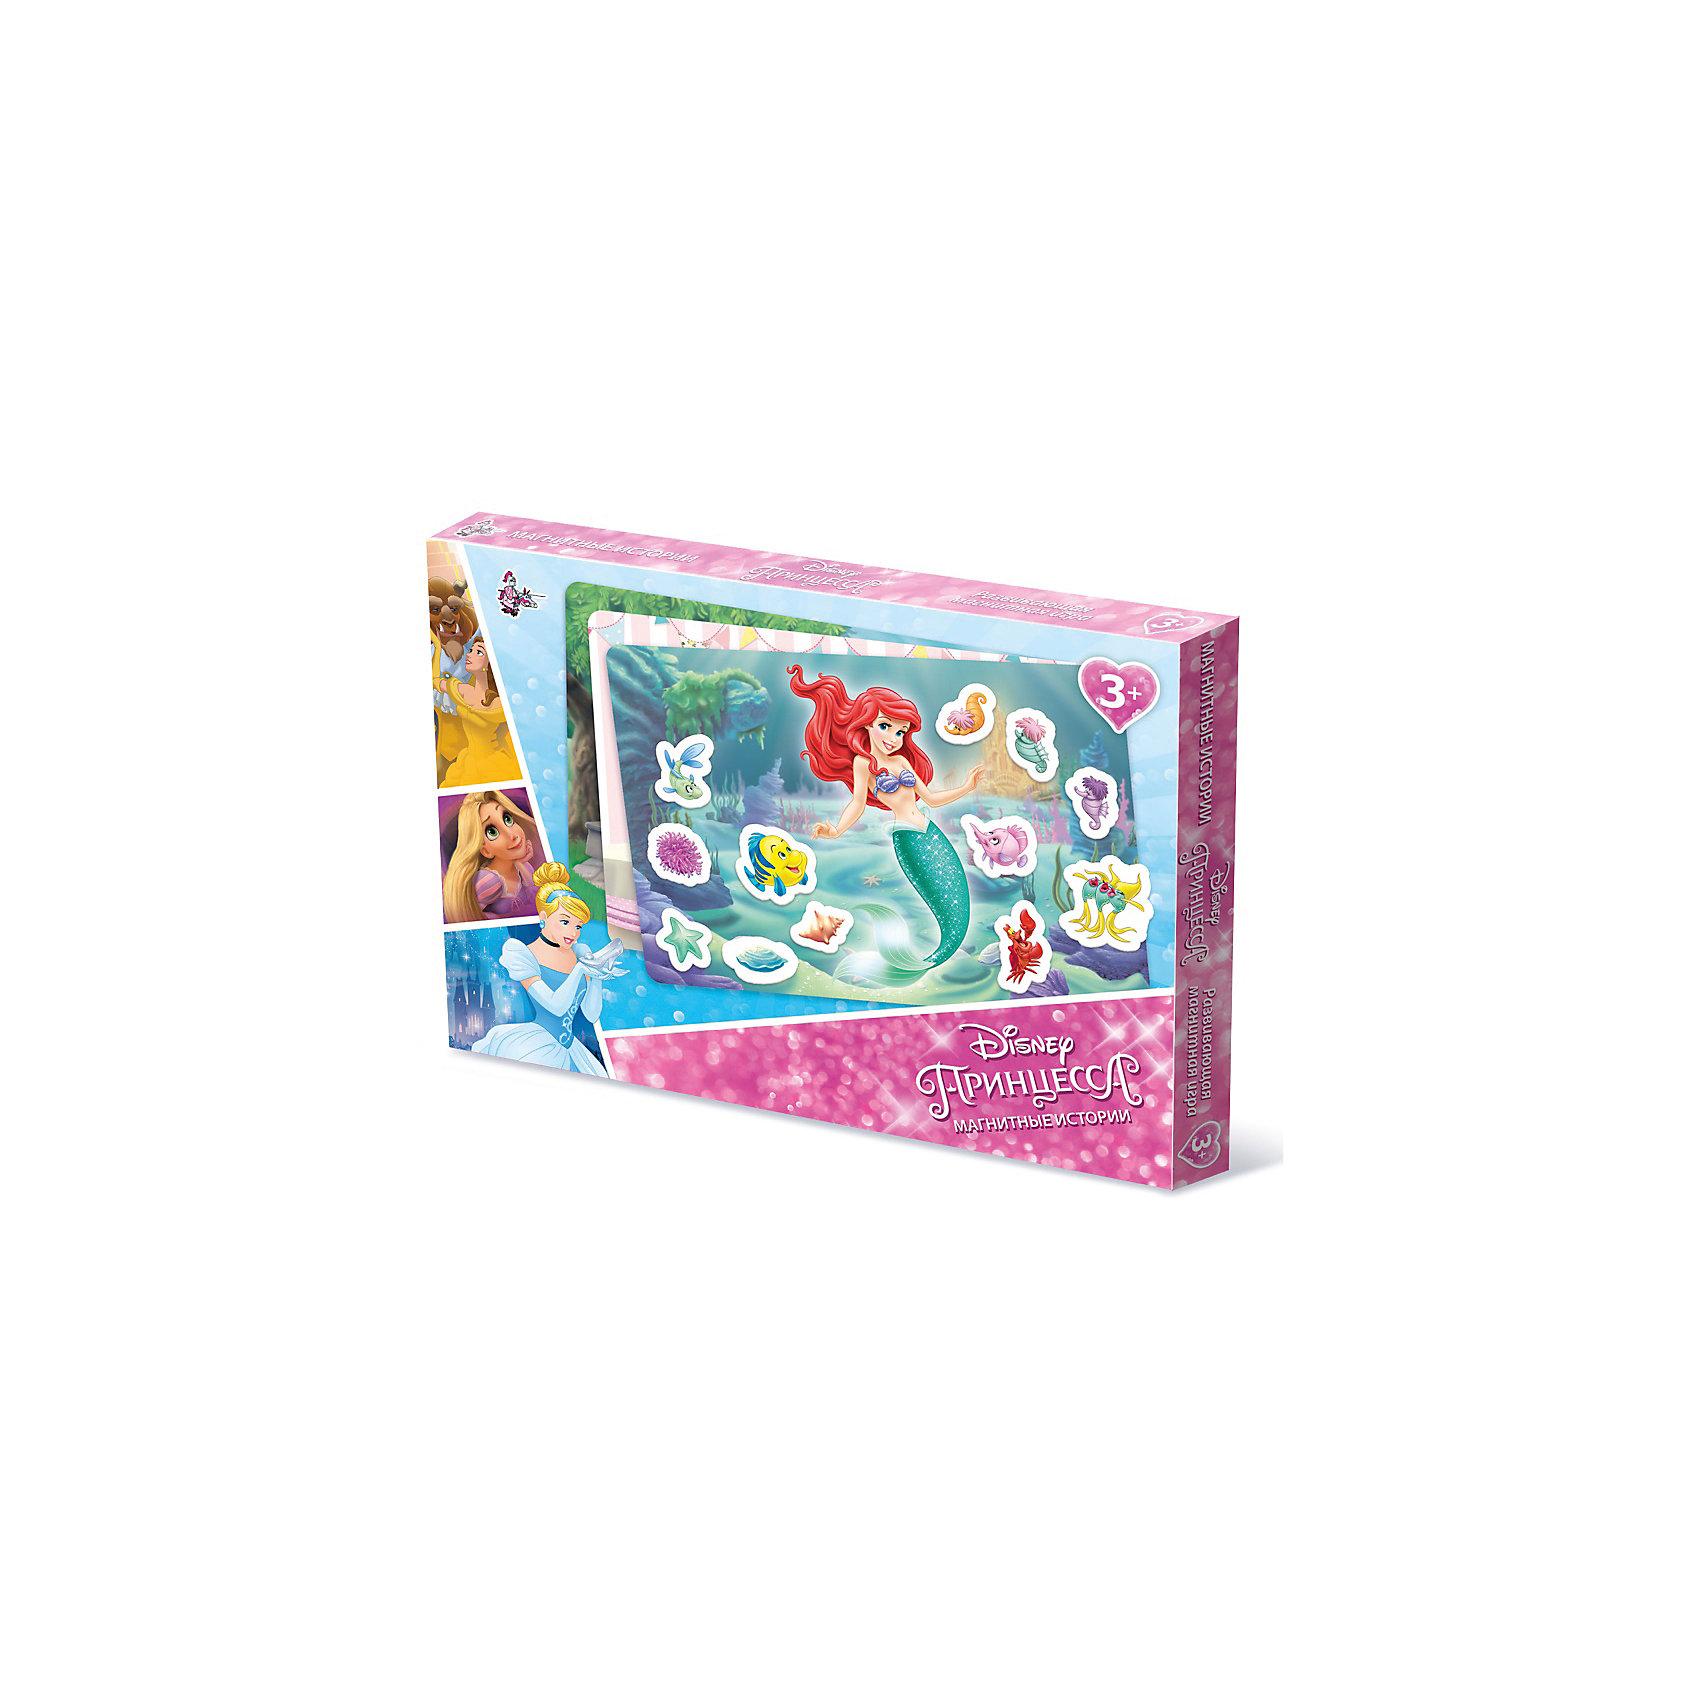 Игра Магнитные истории Принцессы Дисней, Десятое королевствоНастольные игры для всей семьи<br>Игра Магнитные истории Принцессы Дисней, Десятое королевство<br><br>Характеристики: <br><br>• Возраст: от 5 лет<br>• Материал: пенополистирол<br>• В комплекте: магнитная доска, фишки-магниты <br><br>Эта игрушка подойдет для детей от 3 до 7 лет и позволит им развить конструкторские навыки, мелкую моторику и воображение. В наборе содержатся фишки разной геометрической формы, из которых можно создавать различные картинки с принцессами диснея. <br><br>Фишки выполнены на магнитной основе, для большего удобства вашего малыша. В комплекте содержится фишки разных цветов, выполненных из приятного на ощупь материала. <br><br>Игра Магнитные истории Принцессы Дисней, Десятое королевство можно купить в нашем интернет-магазине.<br><br>Ширина мм: 364<br>Глубина мм: 263<br>Высота мм: 34<br>Вес г: 616<br>Возраст от месяцев: 60<br>Возраст до месяцев: 84<br>Пол: Женский<br>Возраст: Детский<br>SKU: 5473743